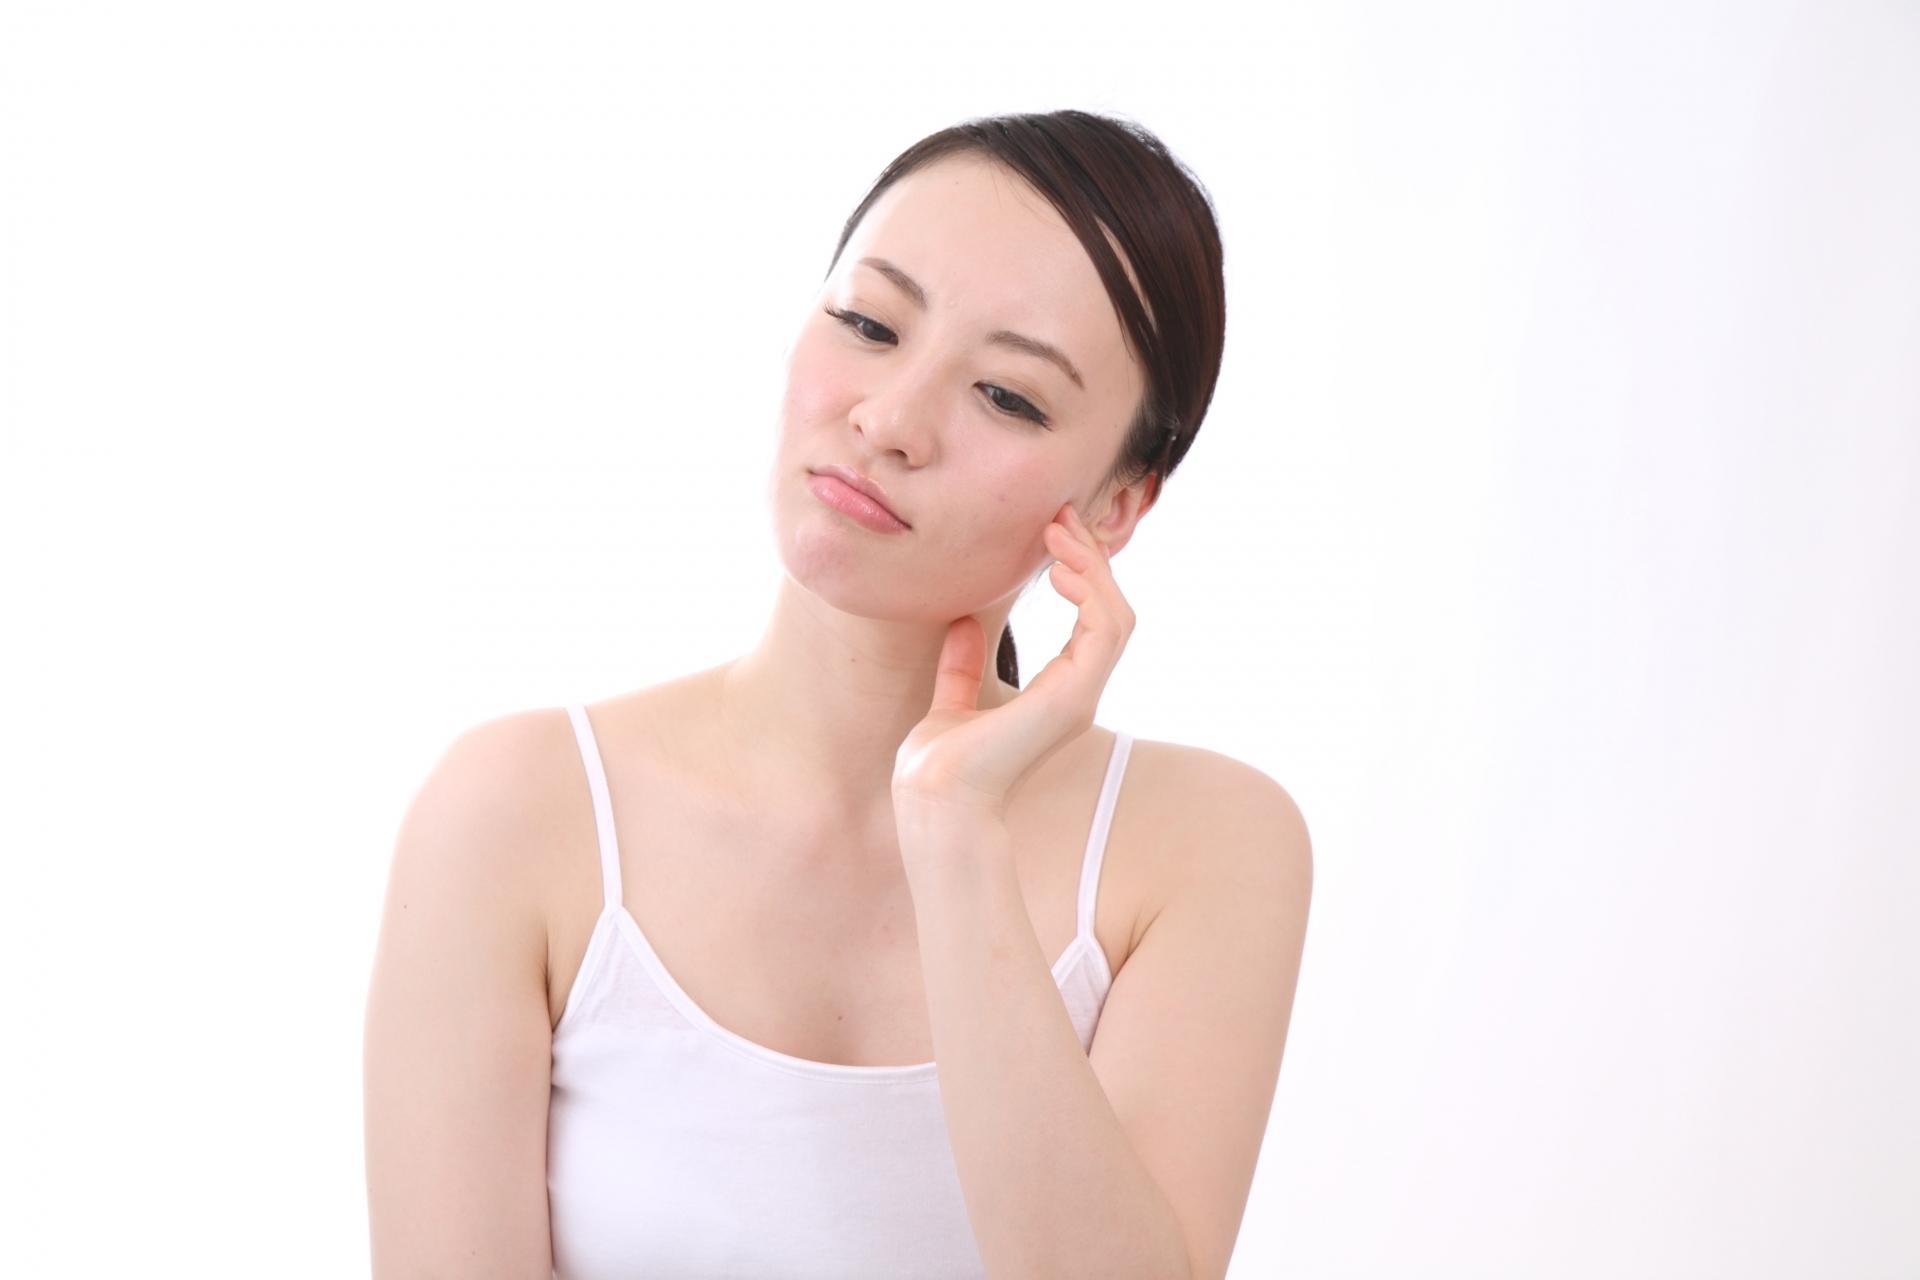 202f65b7b494afb0c67bc44330fa1b43 m 化粧品は皮膚の状態から選ぶ!肌タイプ別に適した成分とは?